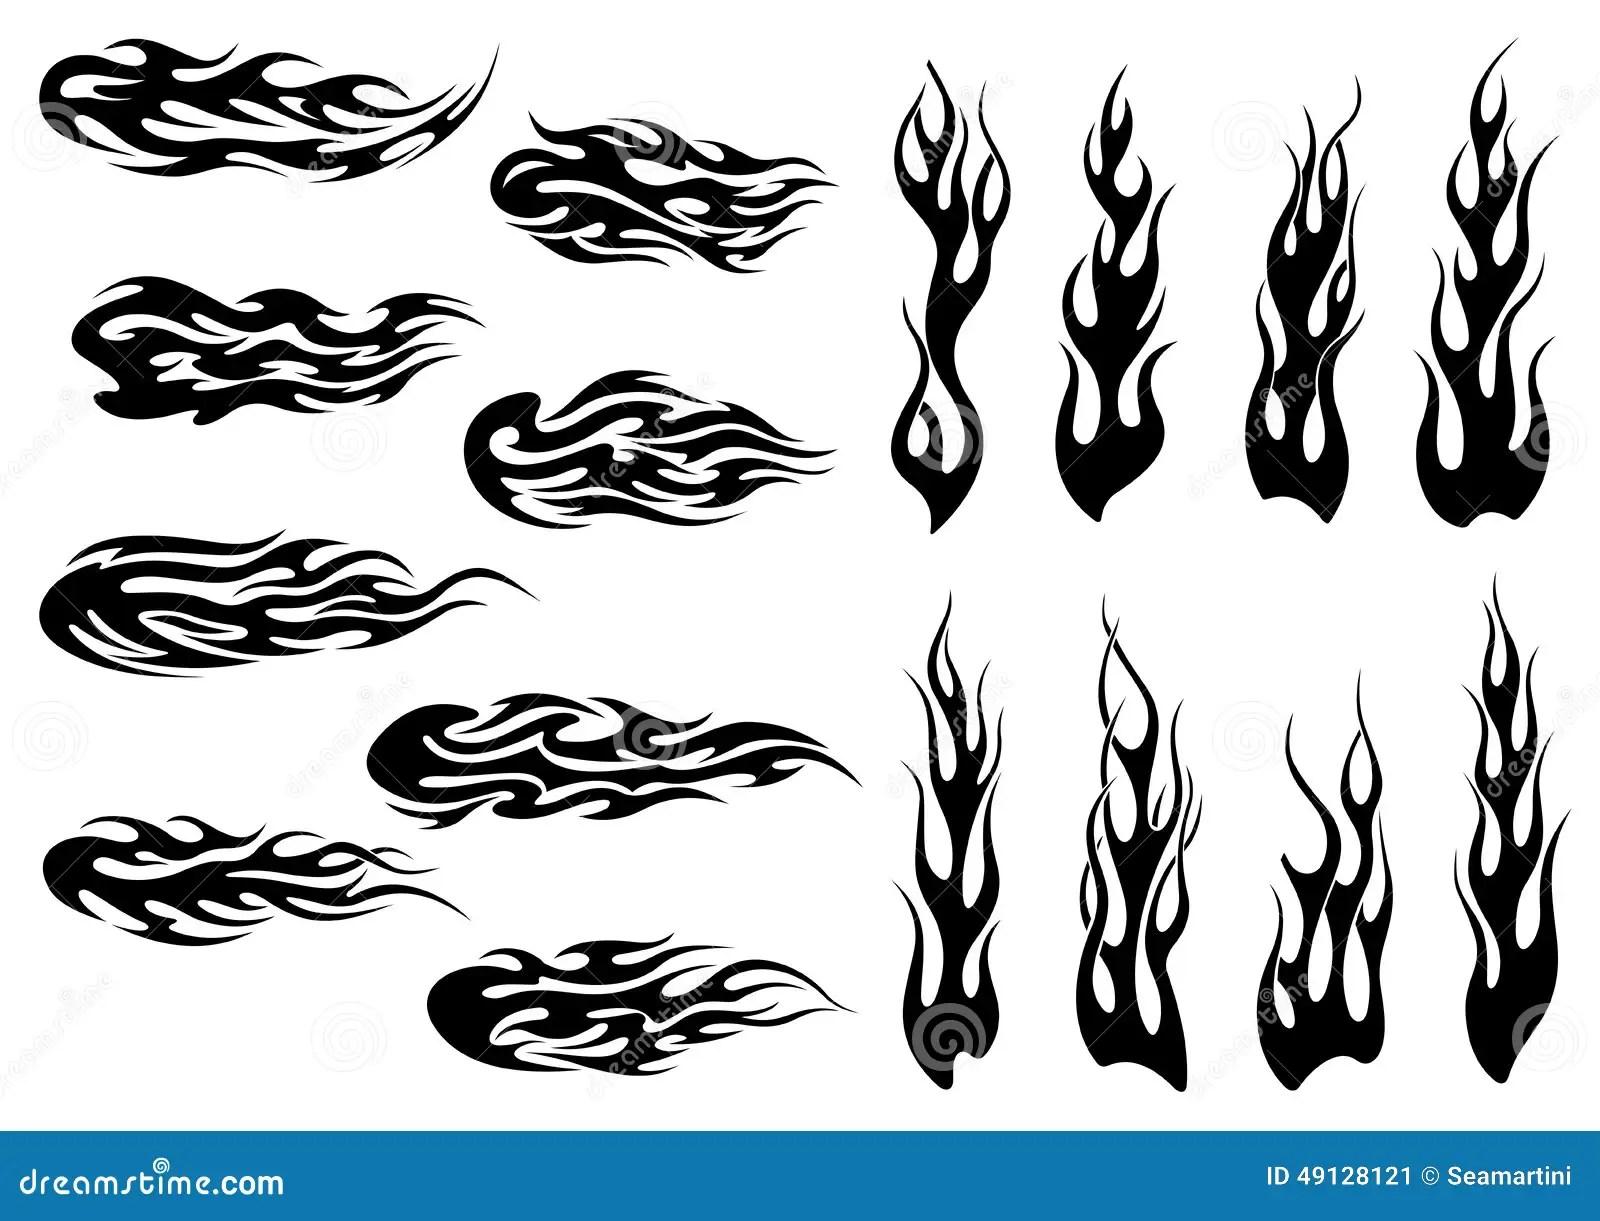 Diseno Negro Tribal Del Tatuaje De Las Llamas Del Fuego